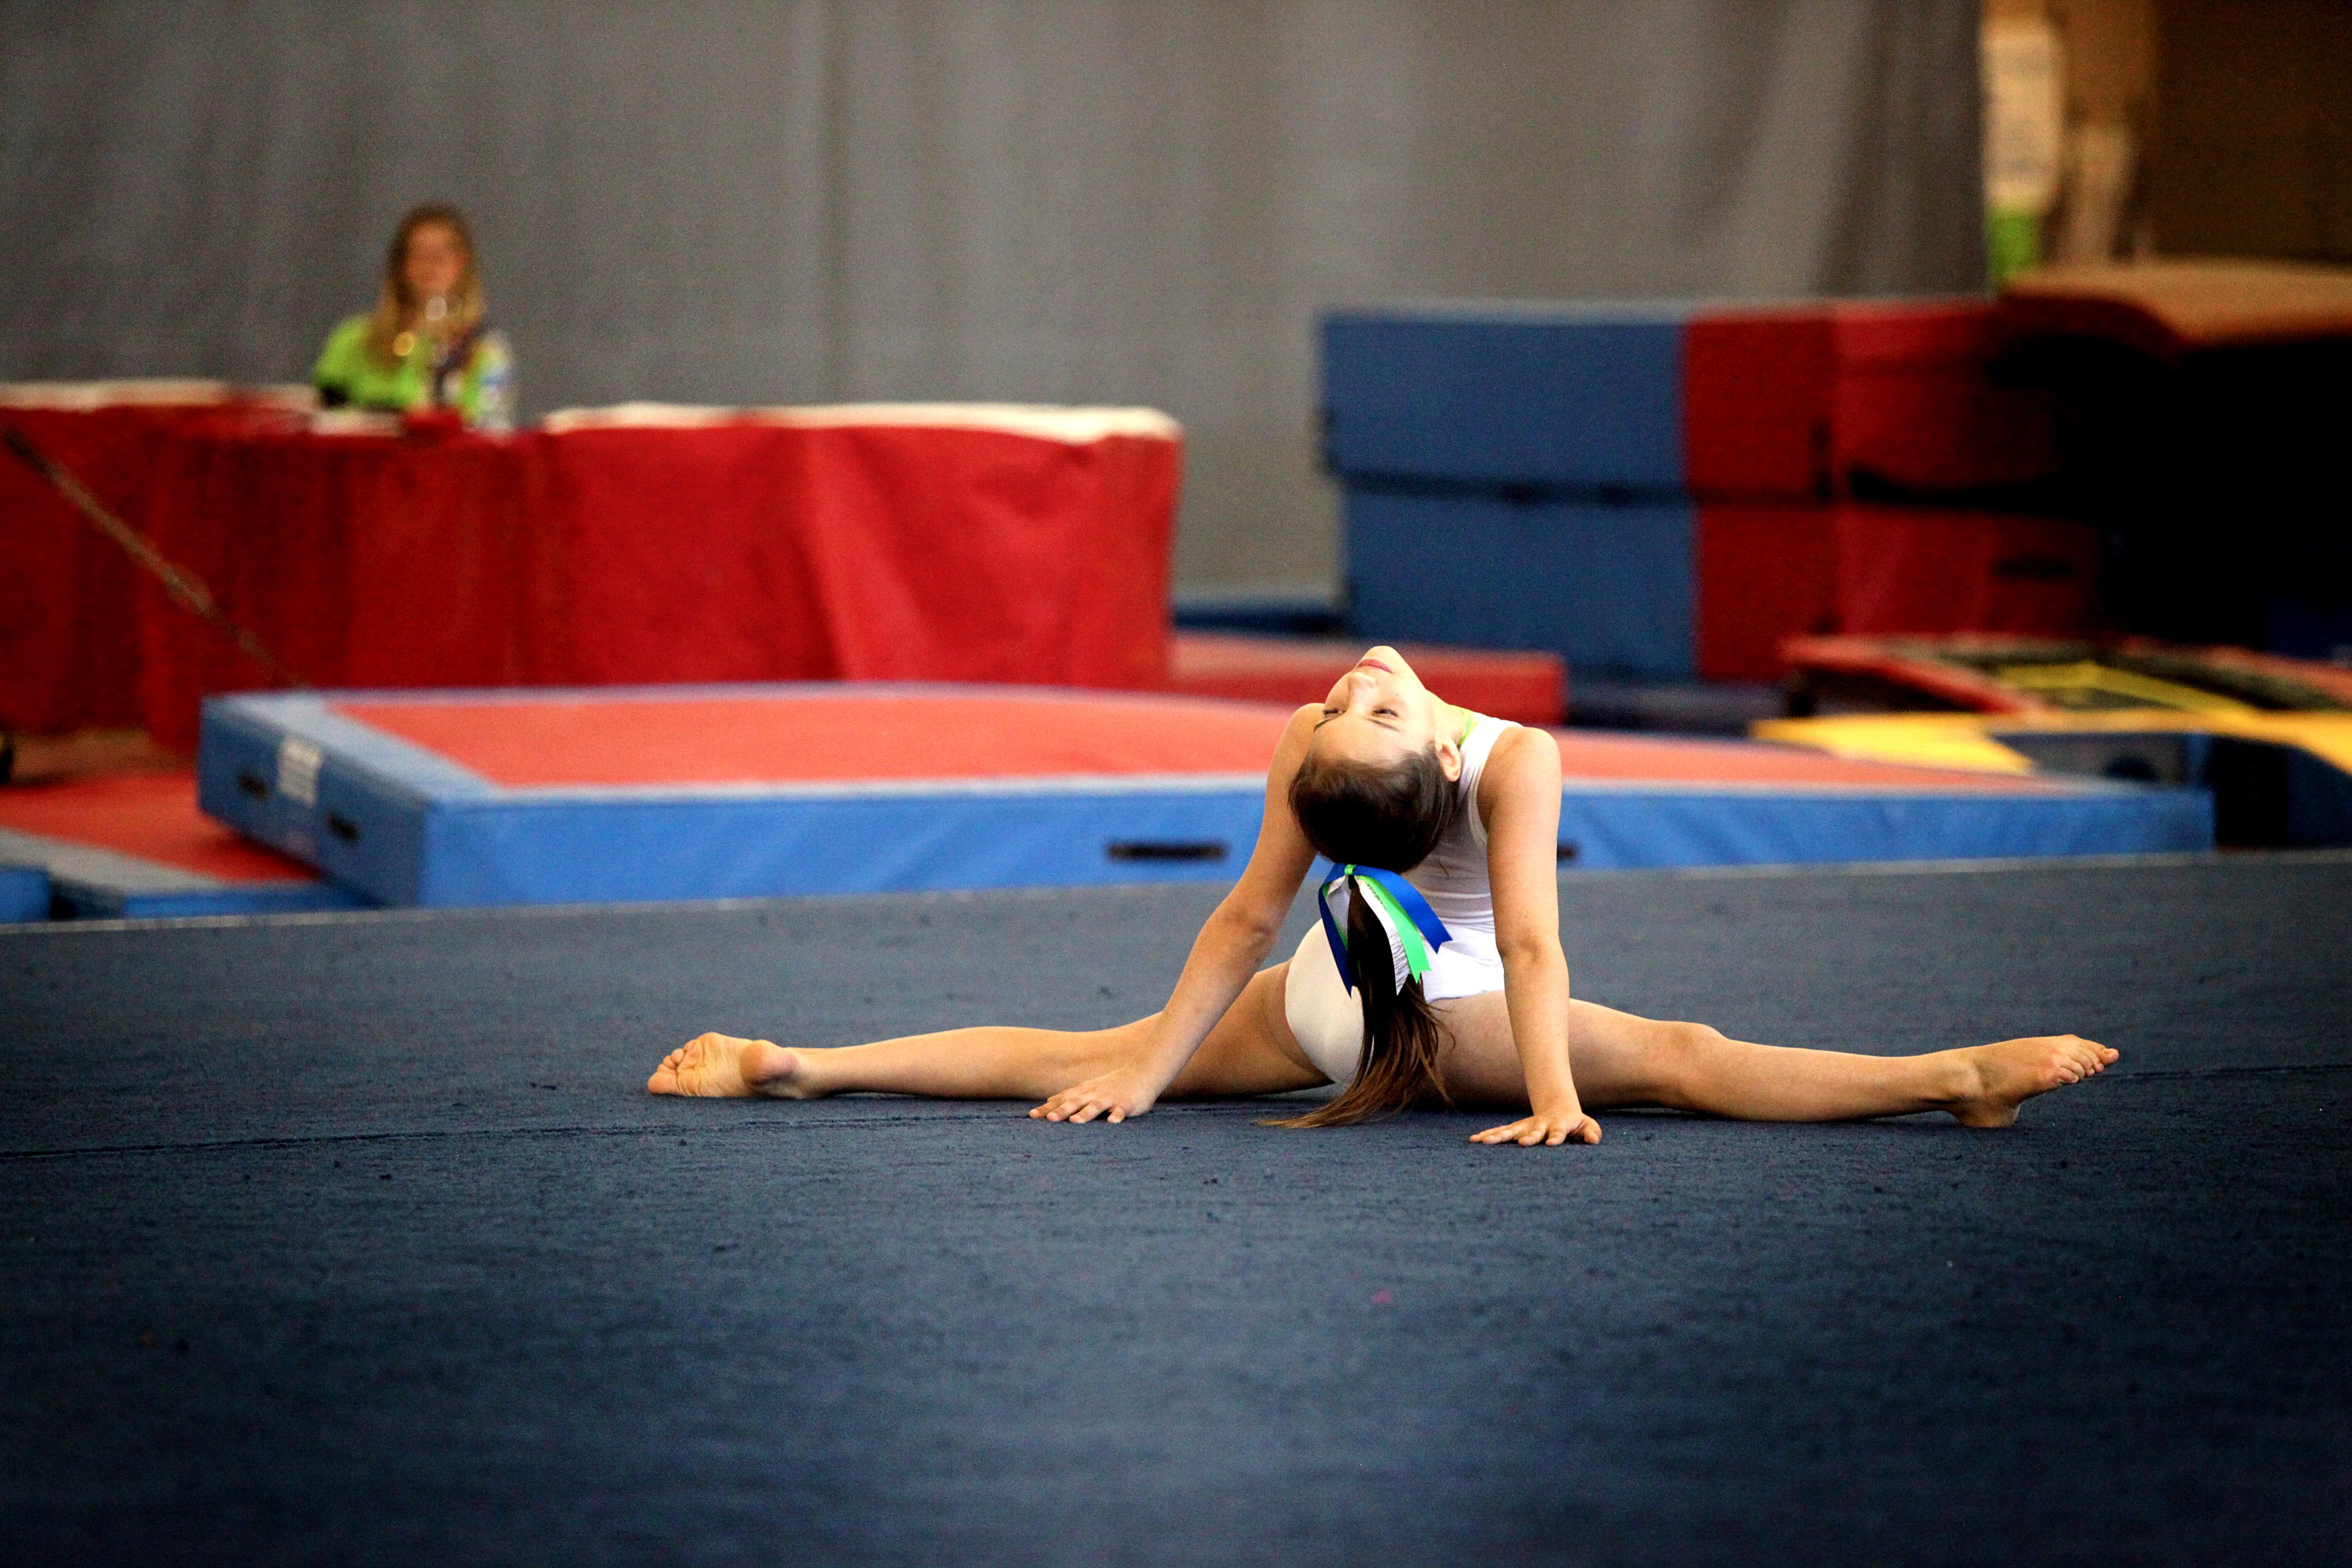 sportsplex gymnastics meet 2012